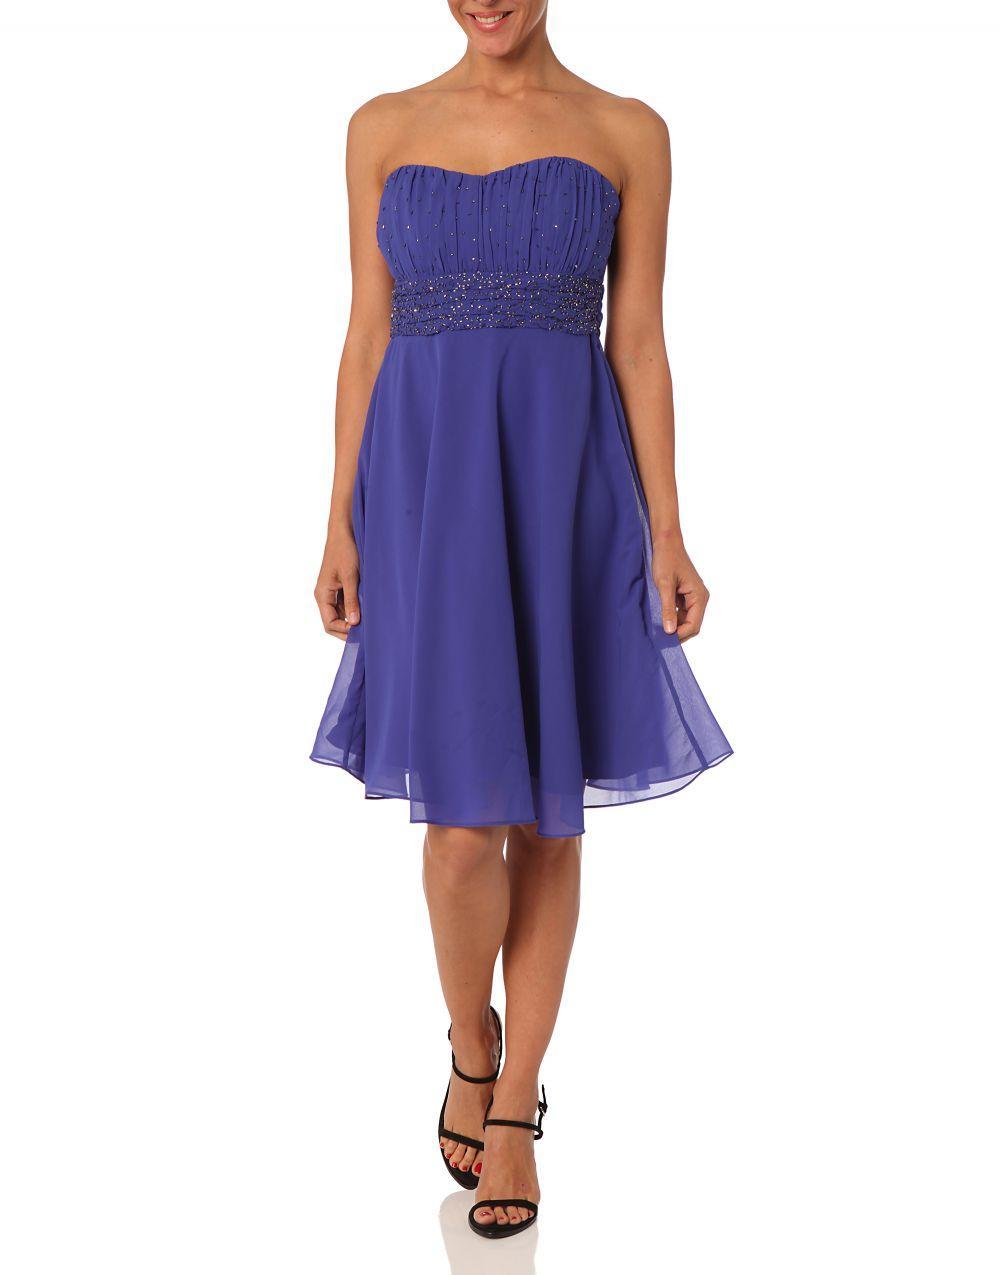 Jacqueline riu robe bleu